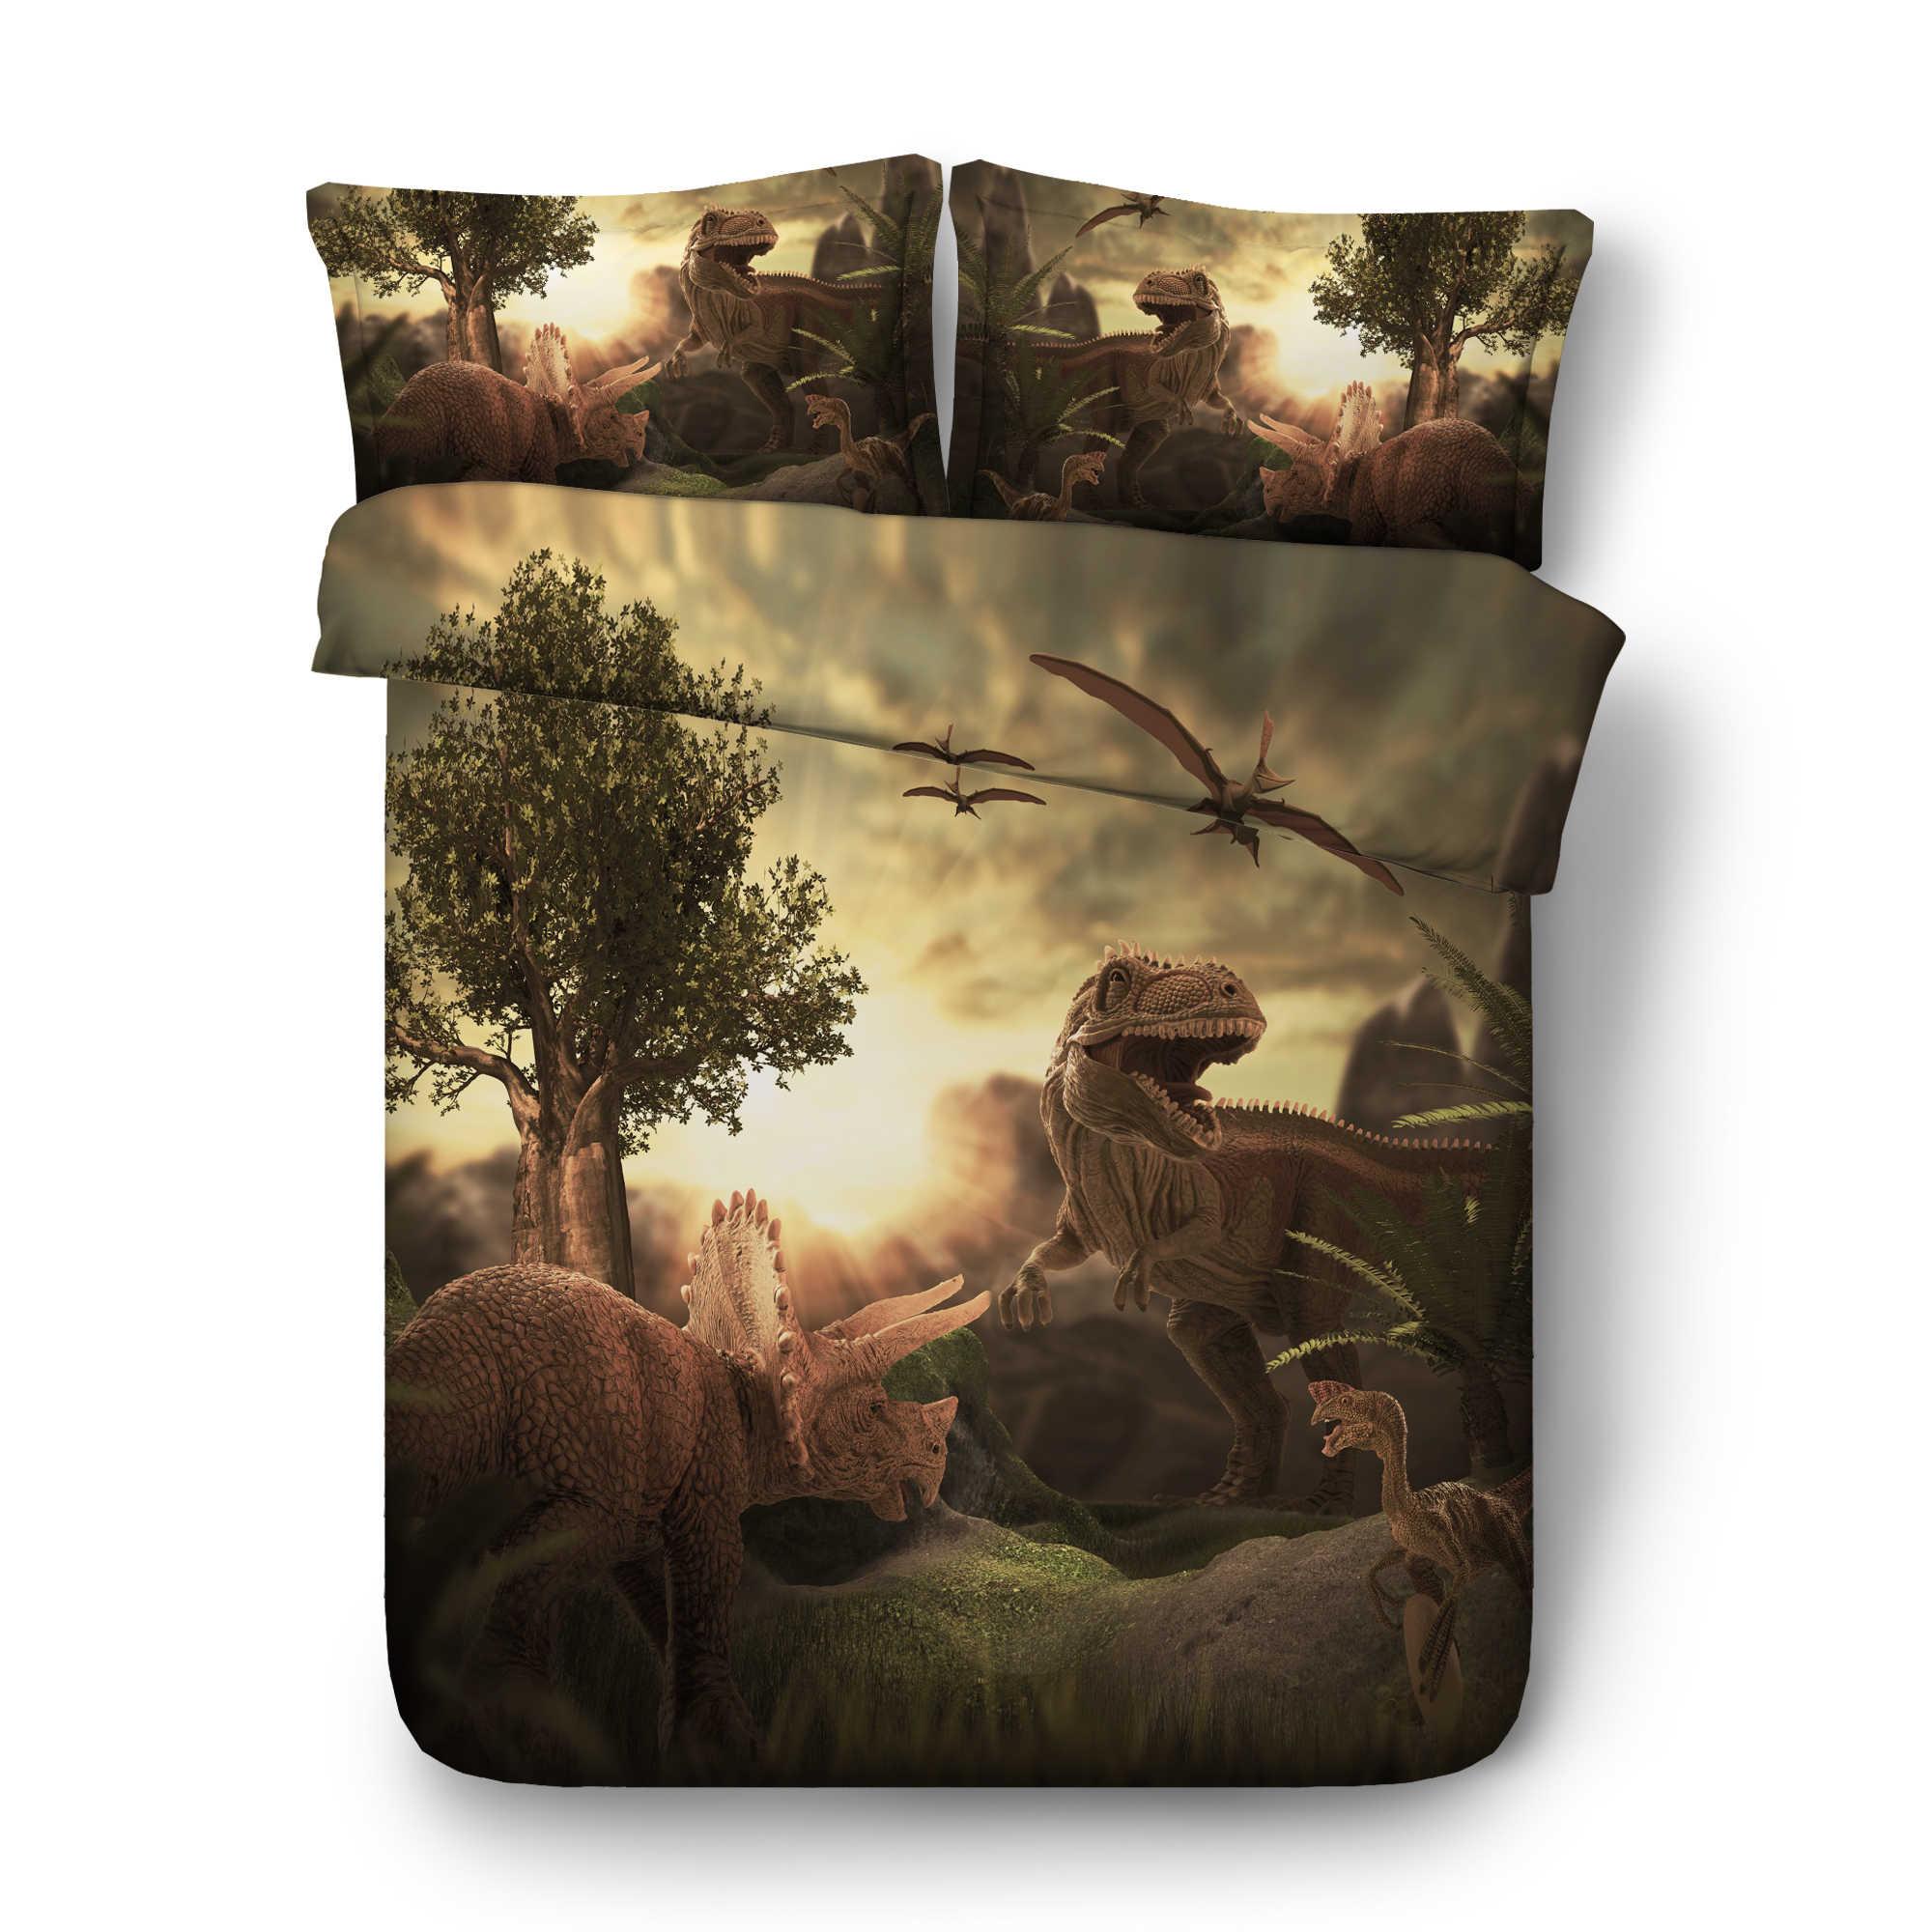 Из фильма «Парк Юрского периода»; цифровая печать набор постельных принадлежностей одеяло крышка дизайнерская кровать комплект в богемном стиле mini Van постельного белья из 3 предметов JF565